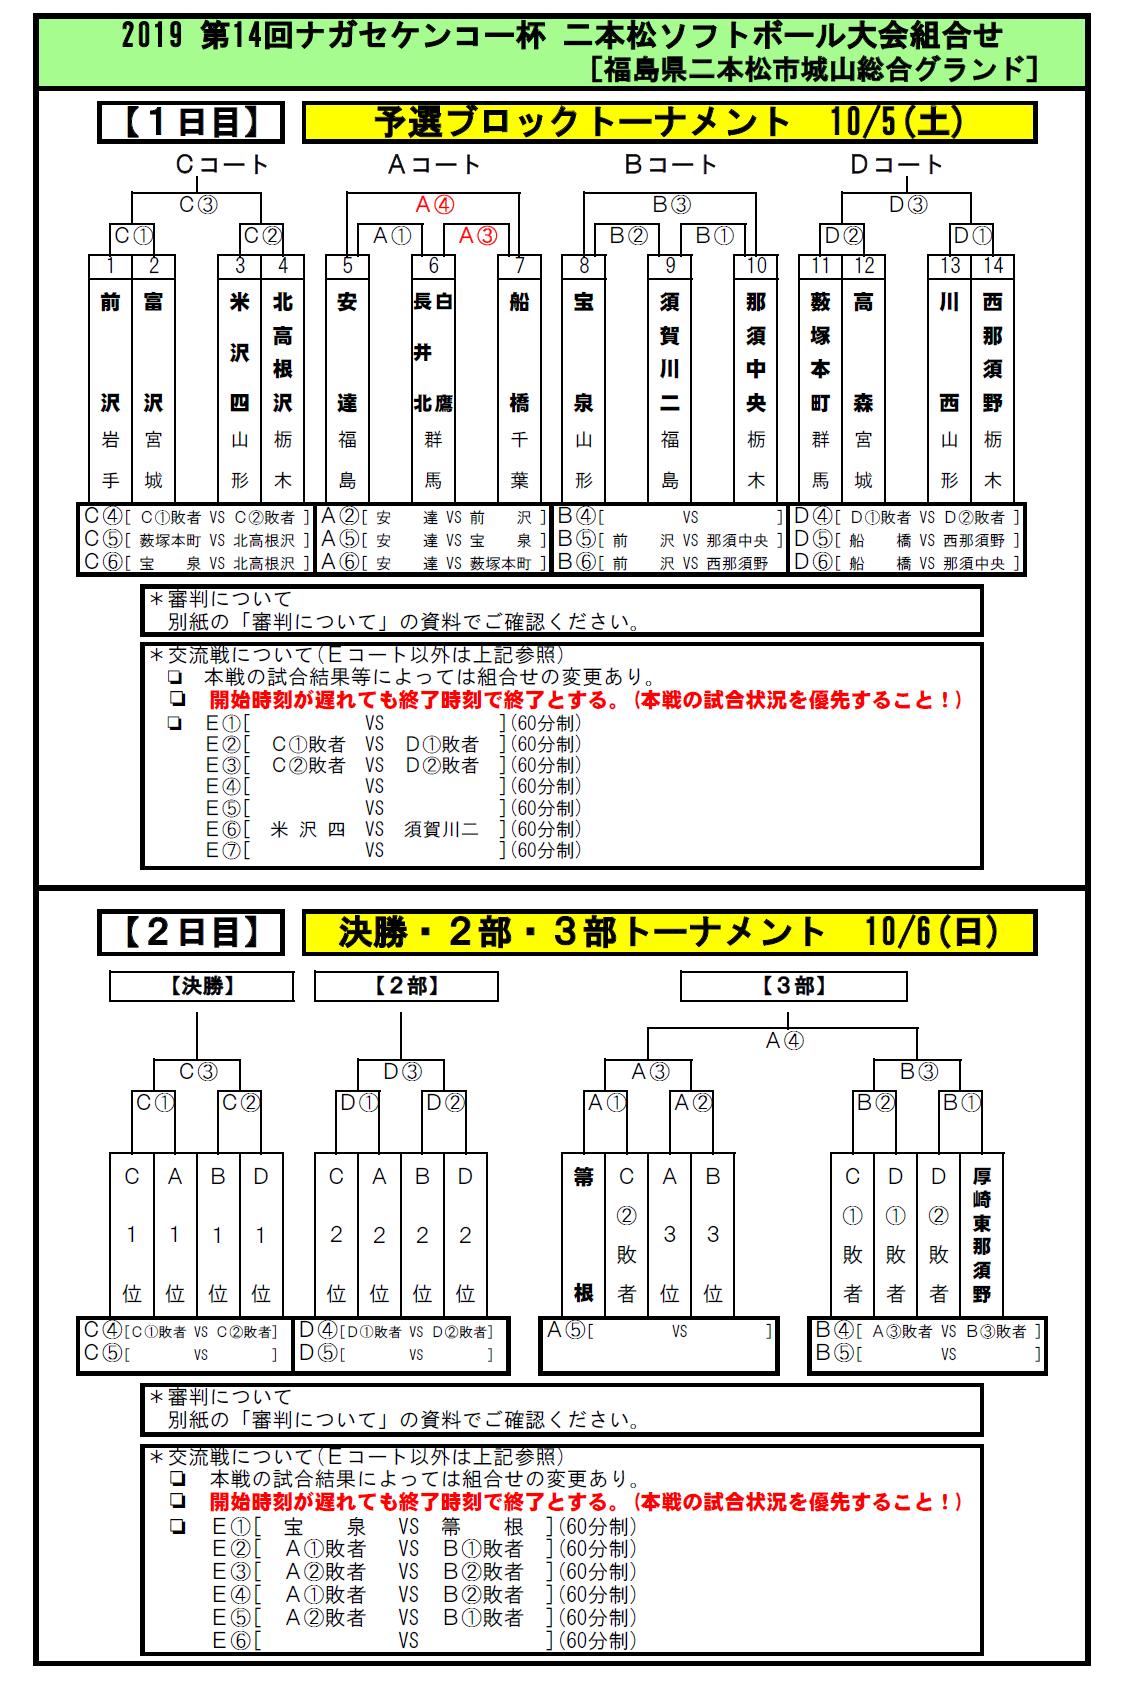 2019第14回ナガセケンコー杯二本松大会組み合わせ_b0249247_22192891.png